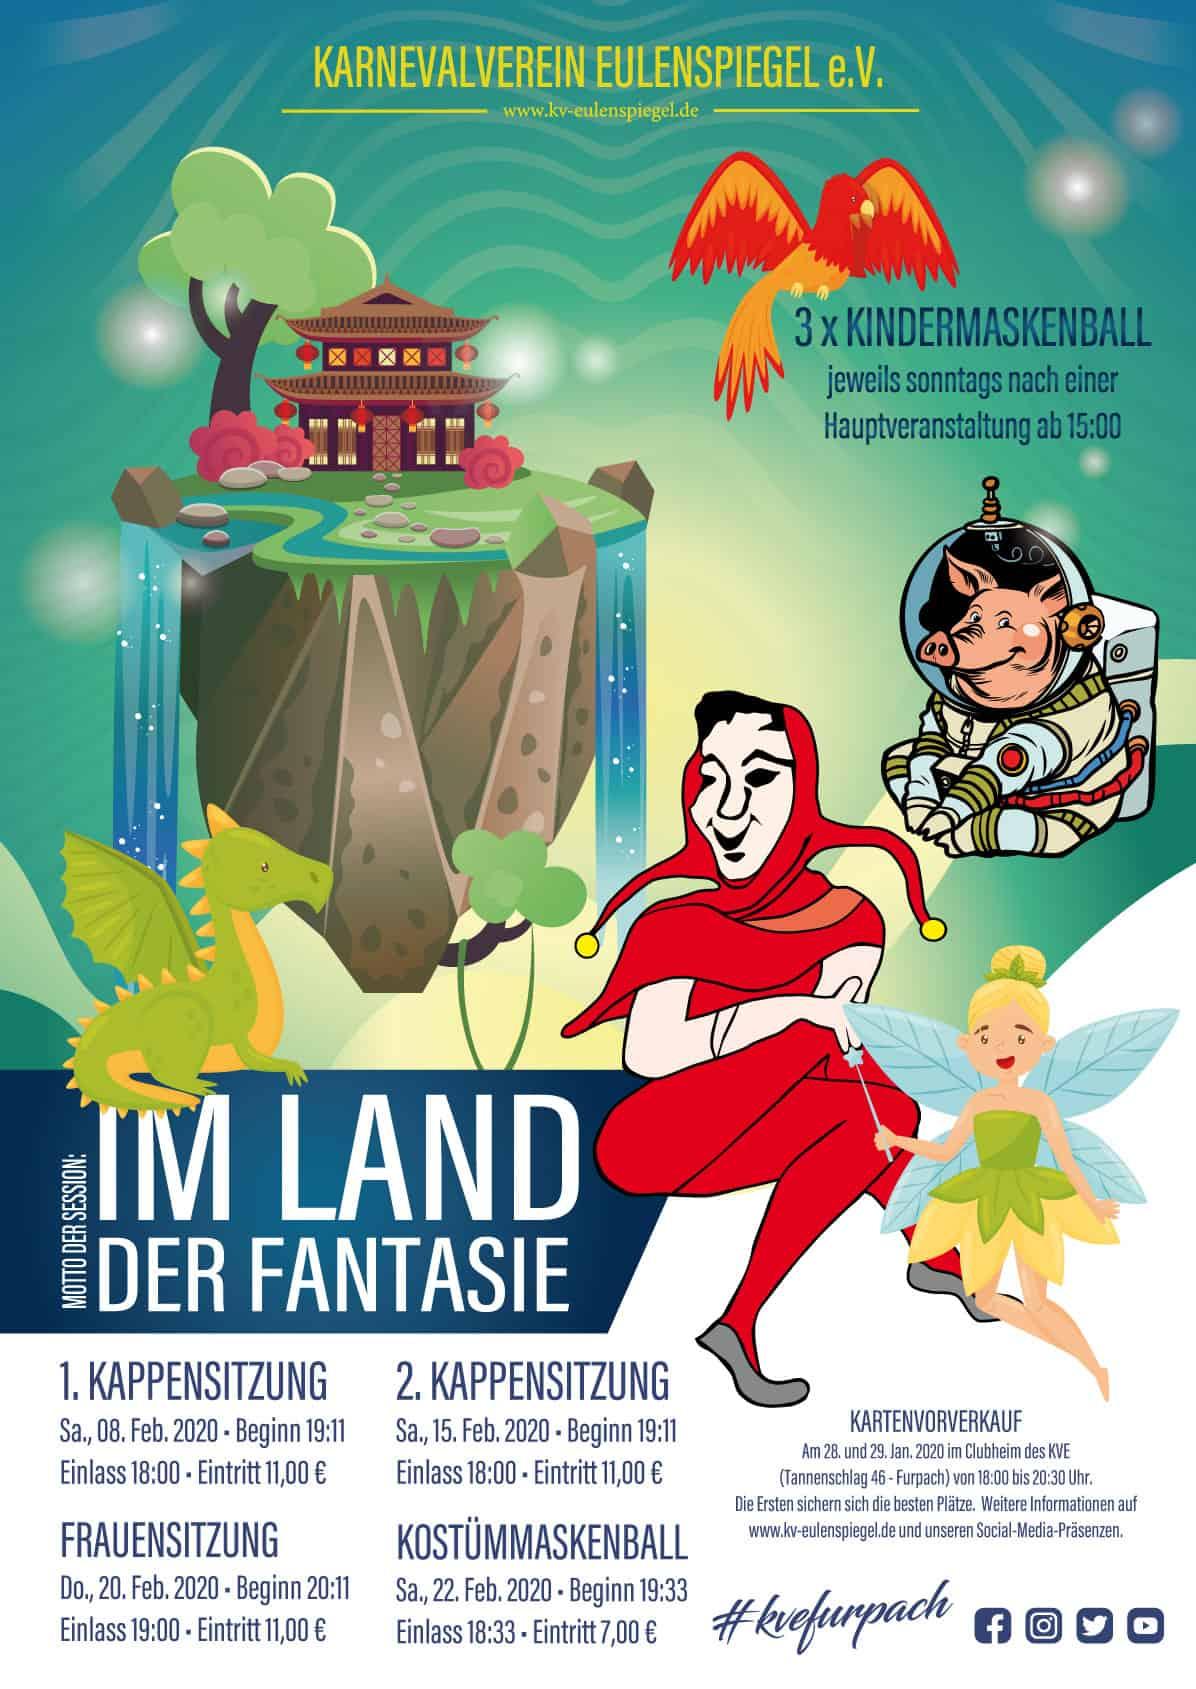 KVE - Im Land der Fantasie